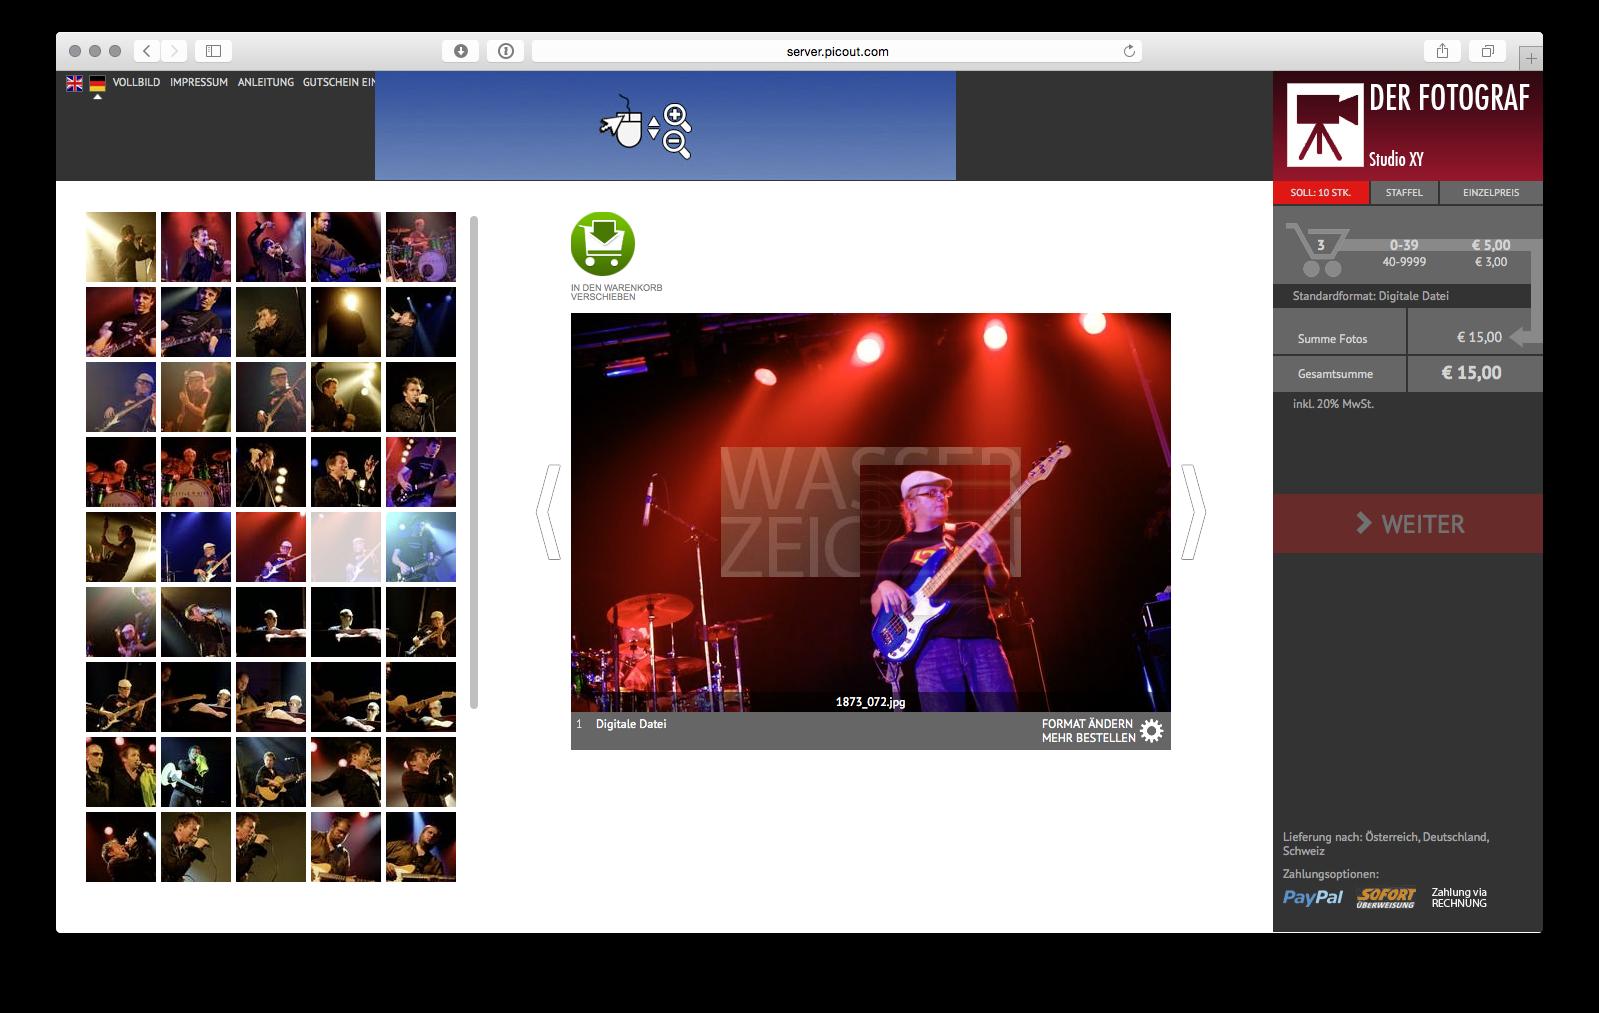 Bildschirmfoto 2015-09-21 um 18.38.34